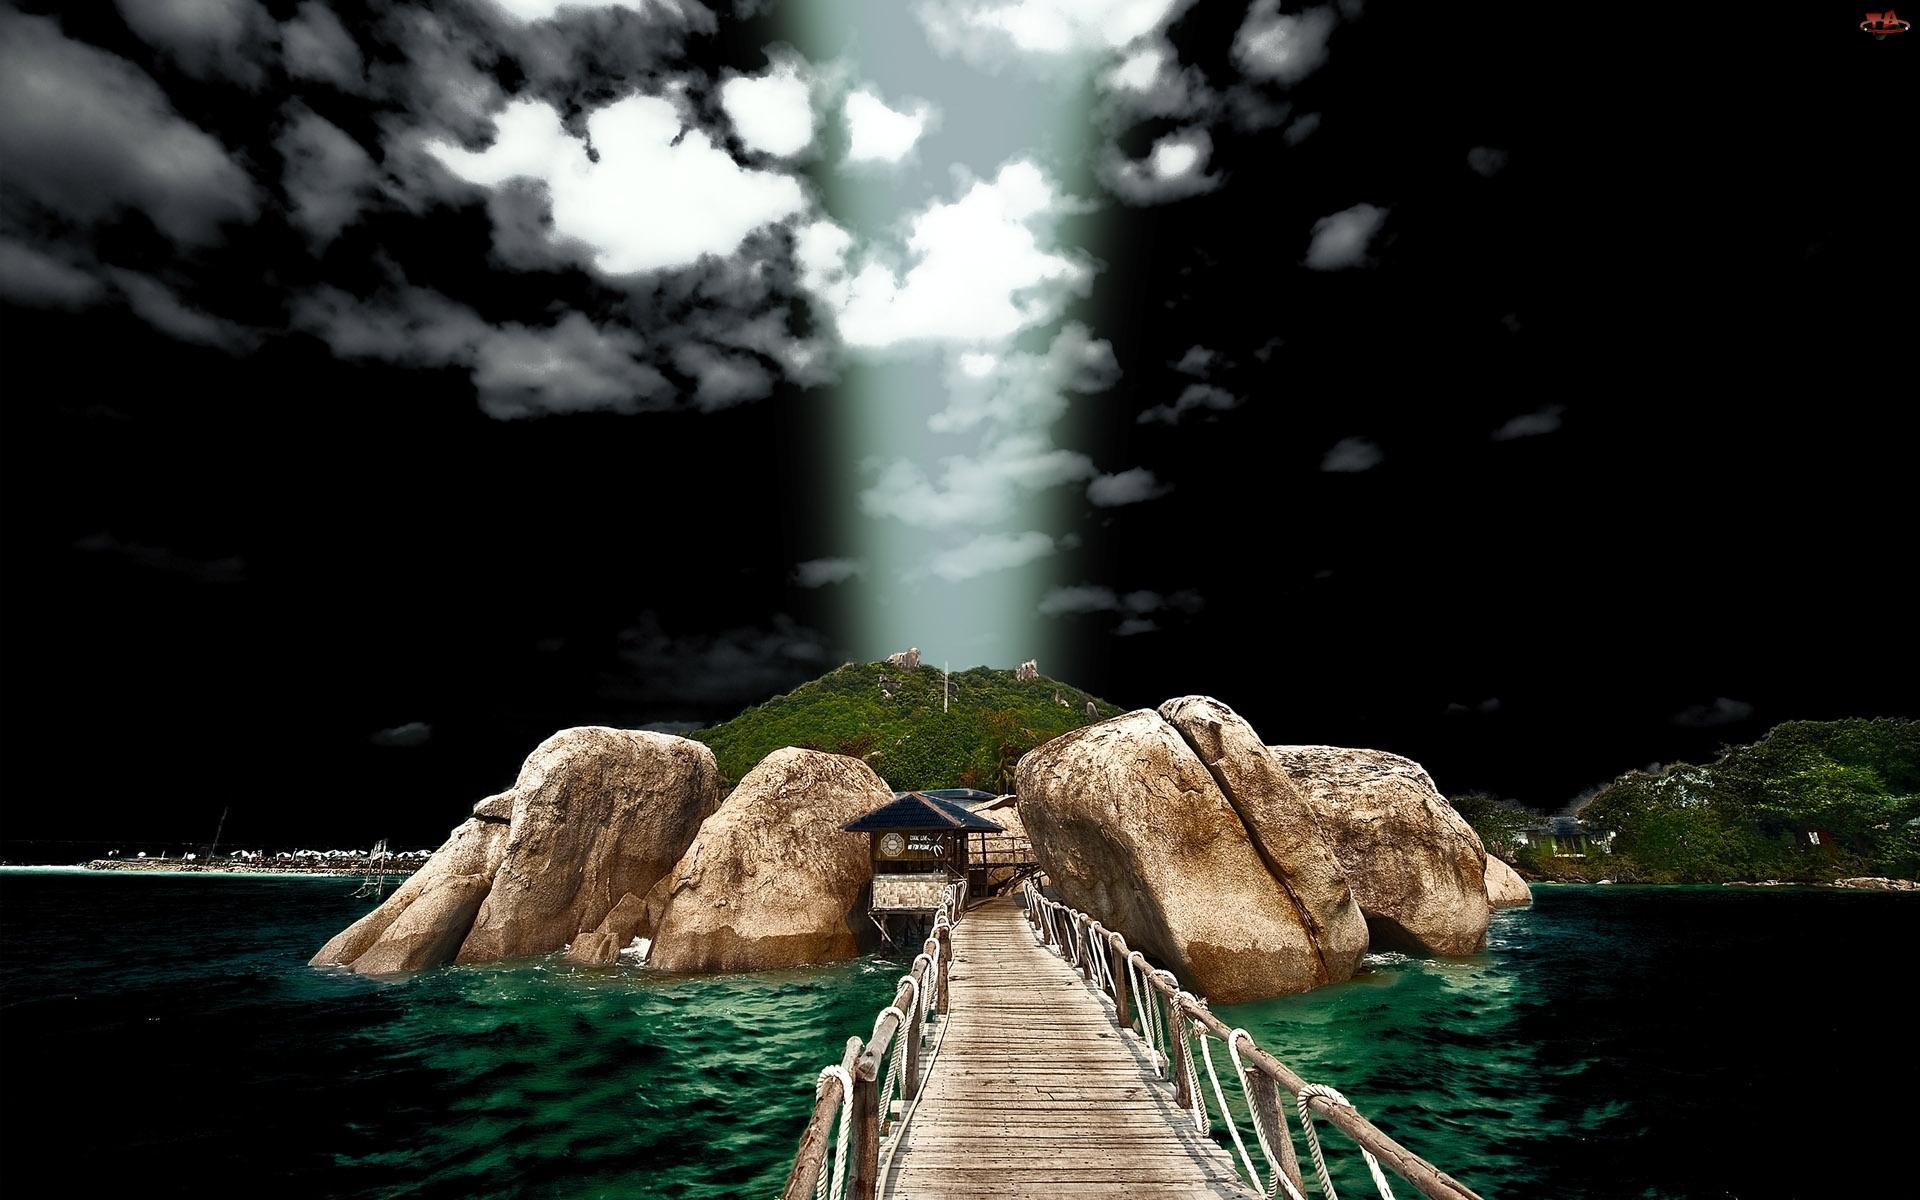 Chmury, Skały, Światło, Mostek, Ciemne